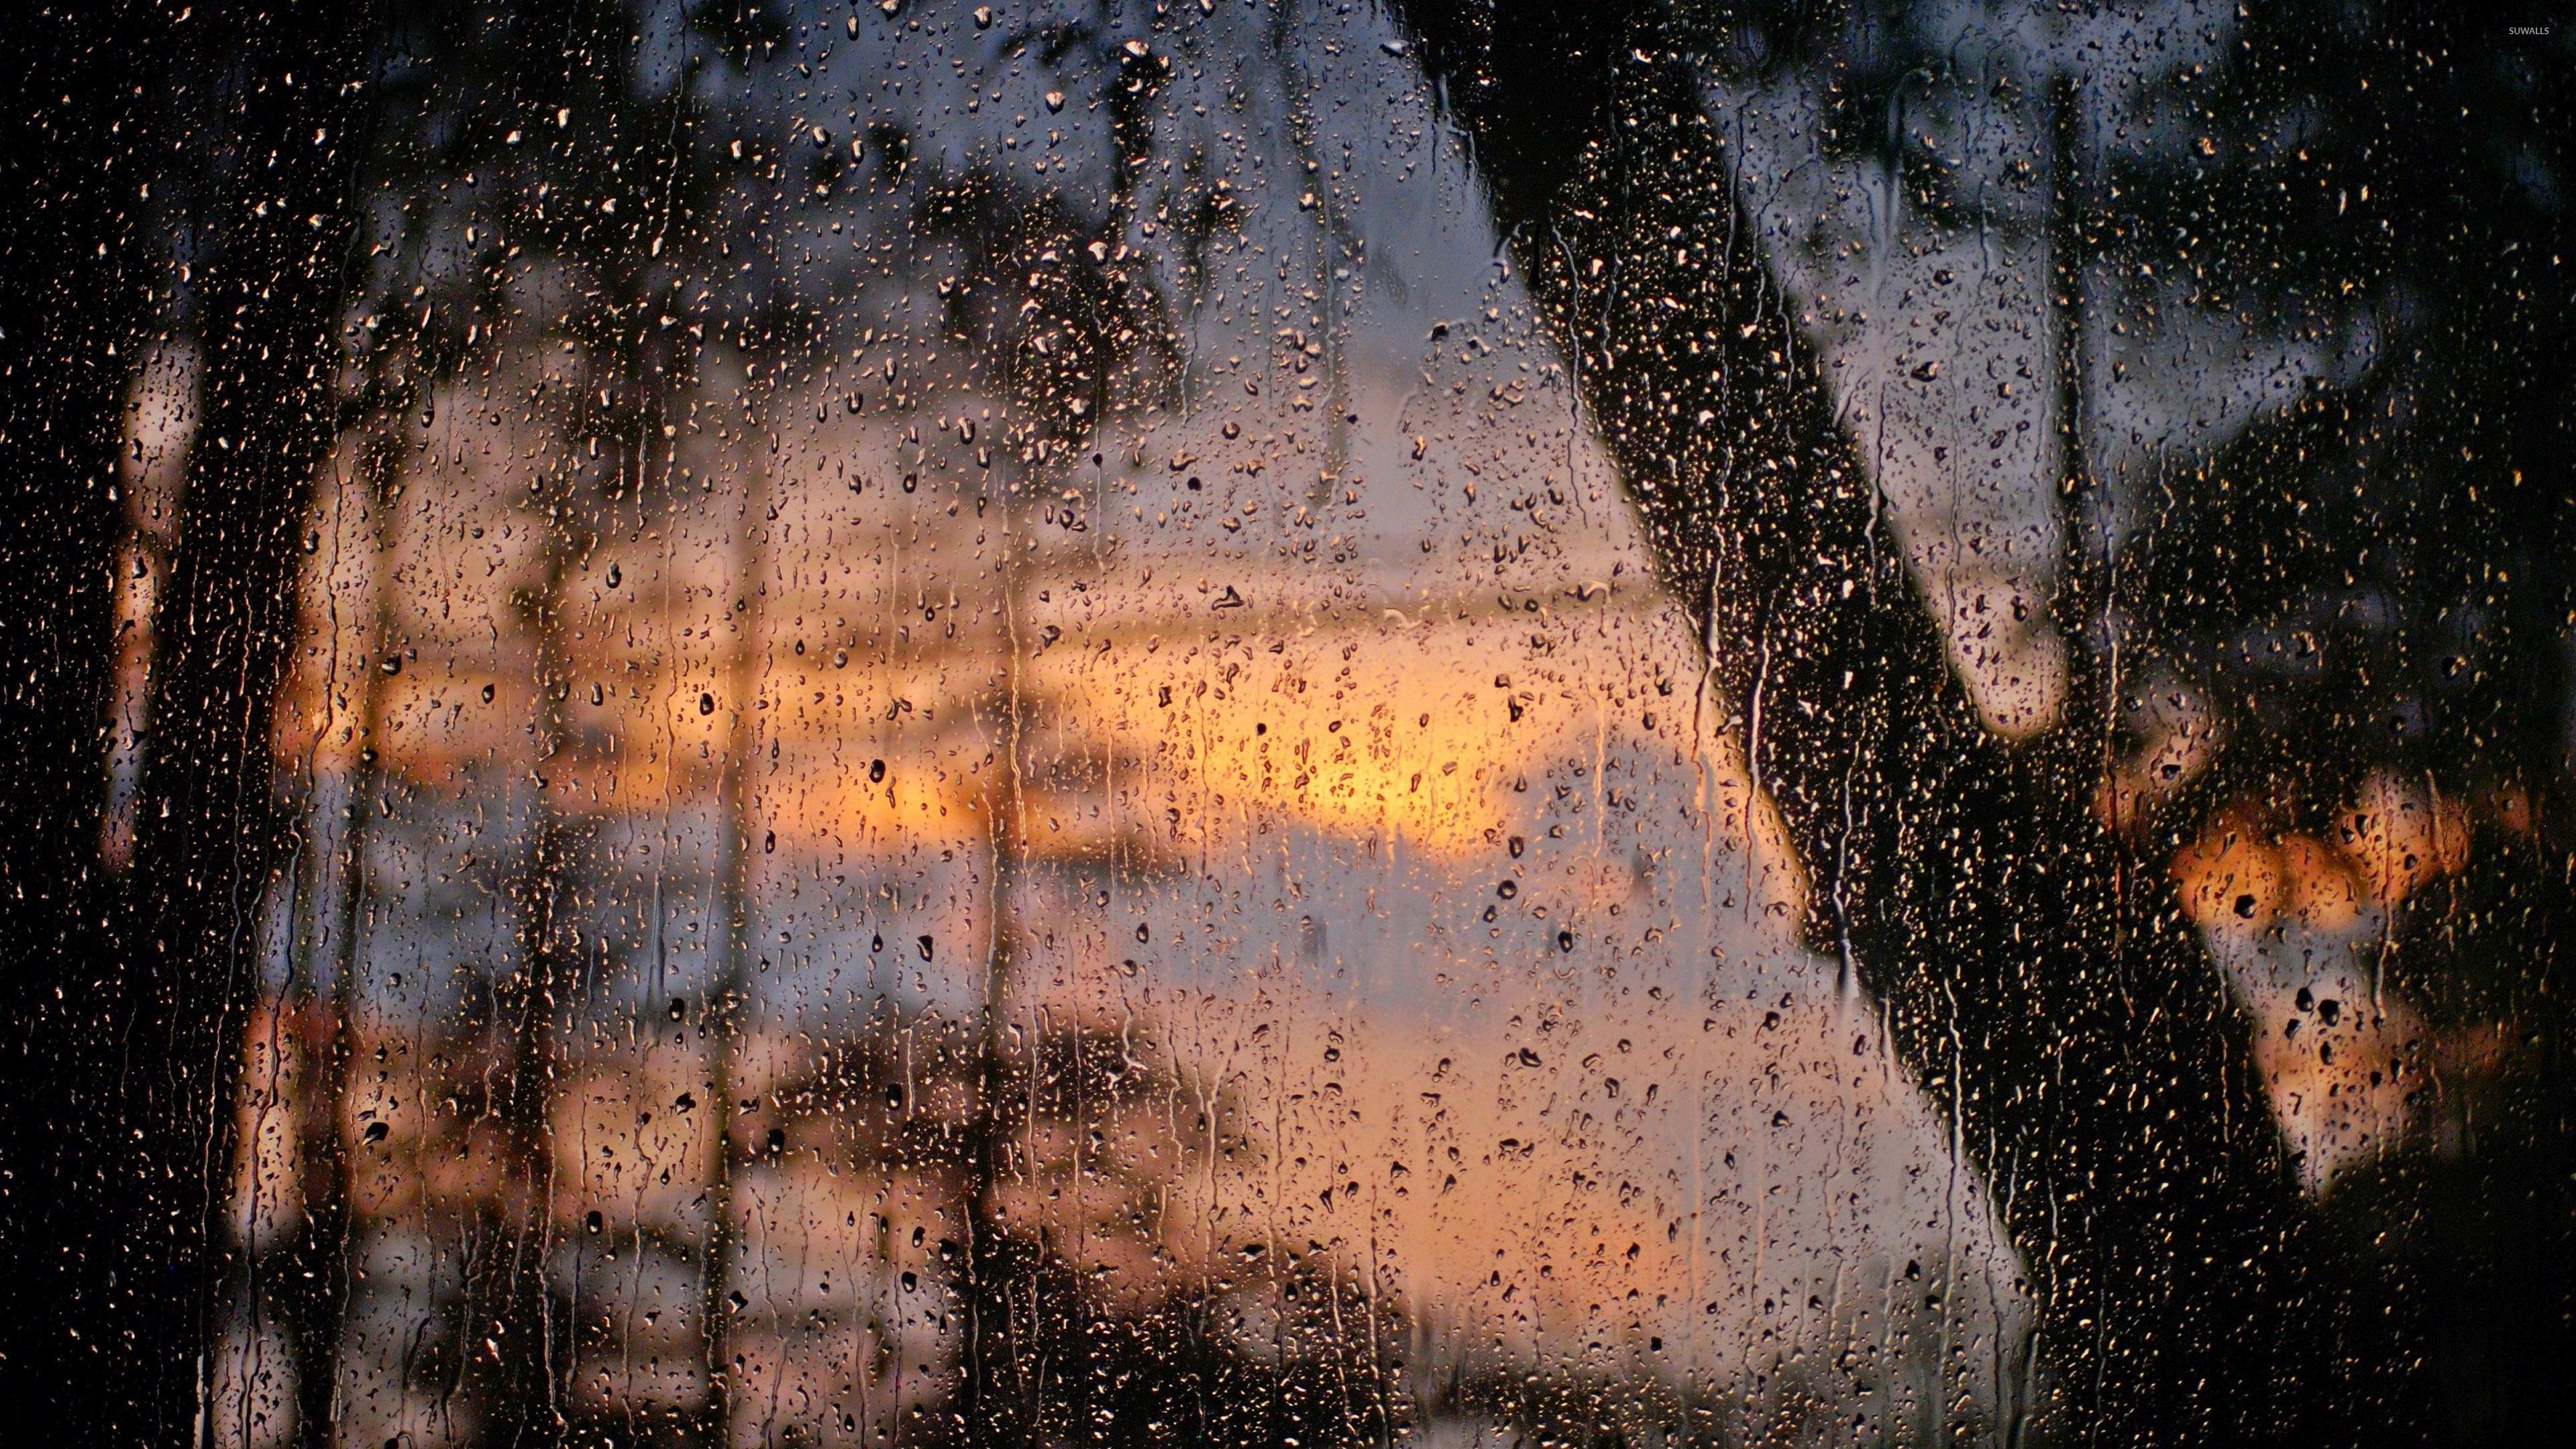 rain drops live wallpapers